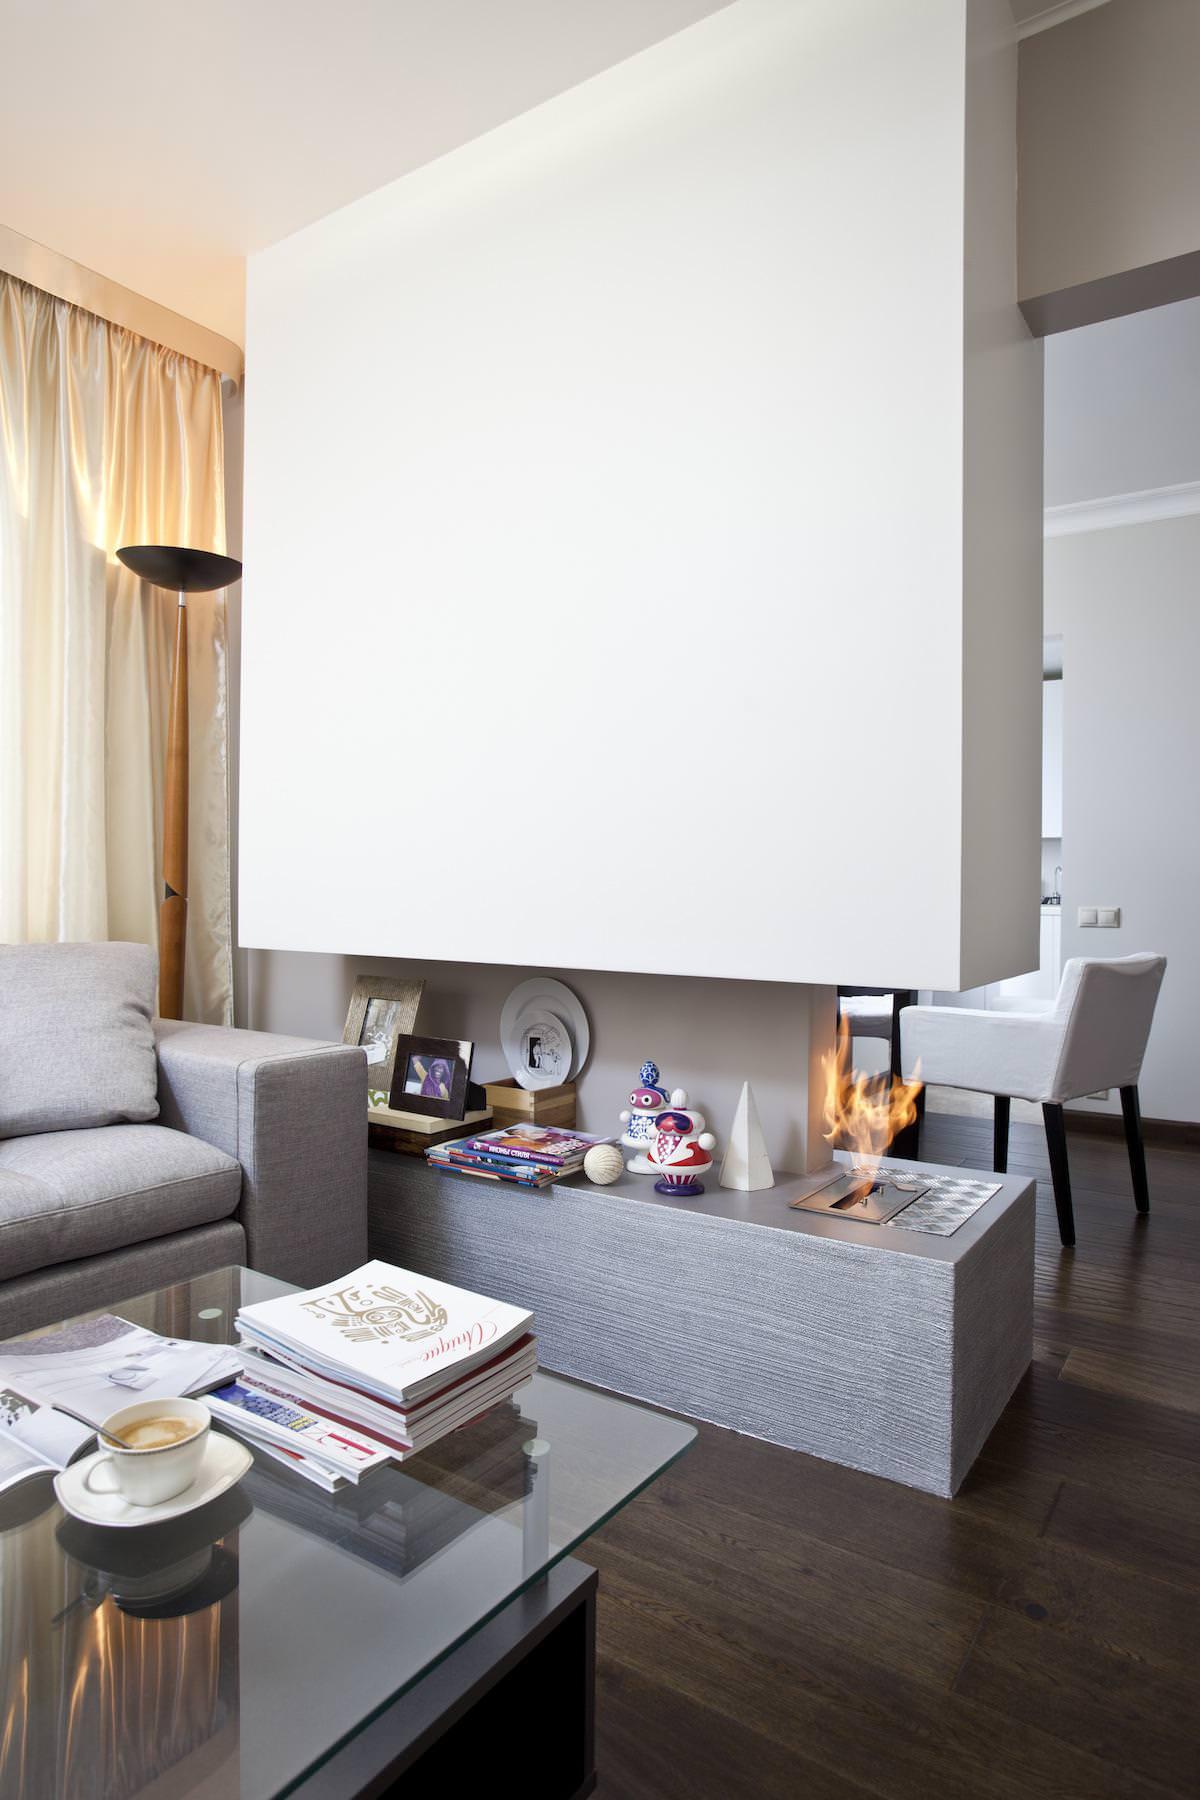 Камин в гостиной стильной квартиры